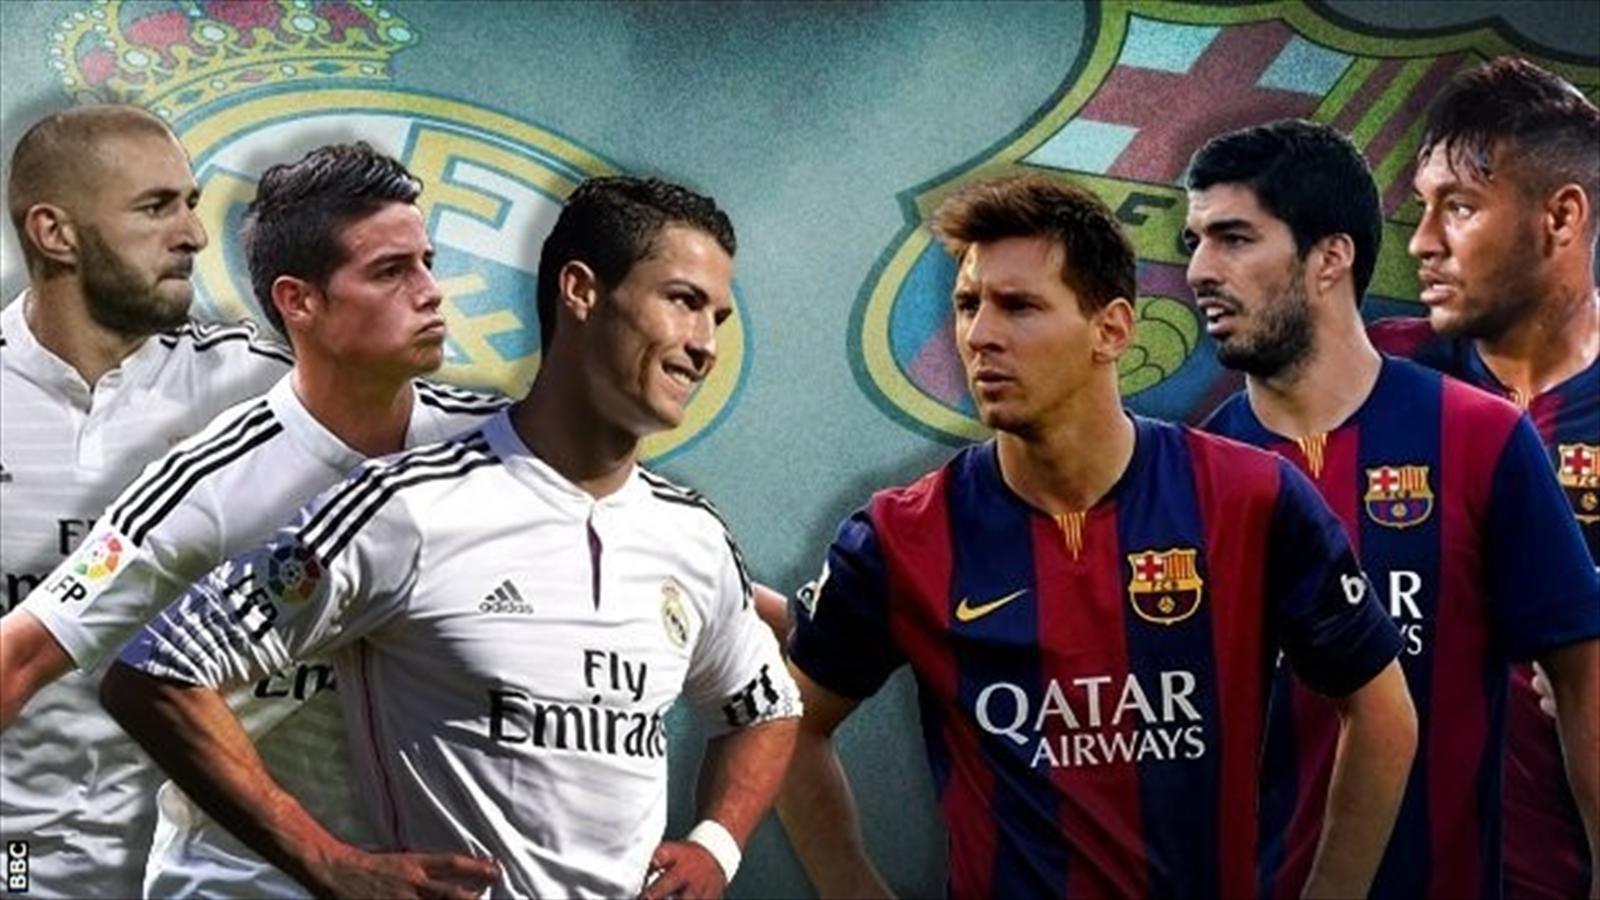 بمناسبة كلاسيكو الأرض إليكم جميع أهداف مباريات ريال مدريد وبرشلونة من عام 2000 إلي عام 2015